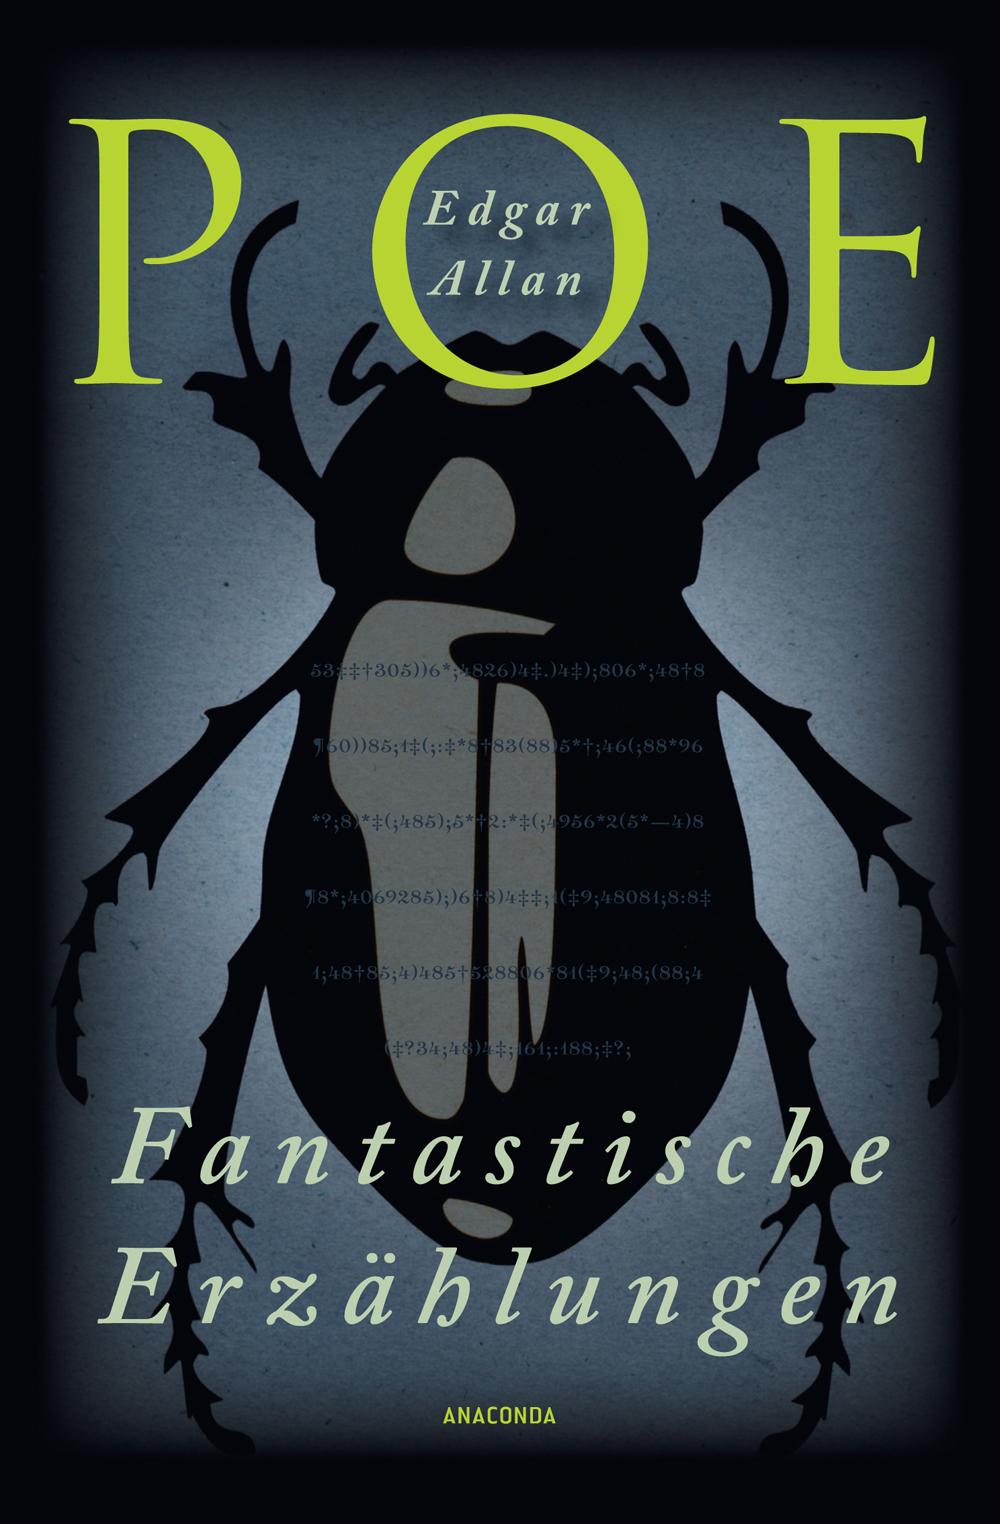 Poe - Fantastische Erzählungen - Edgar Allan Poe